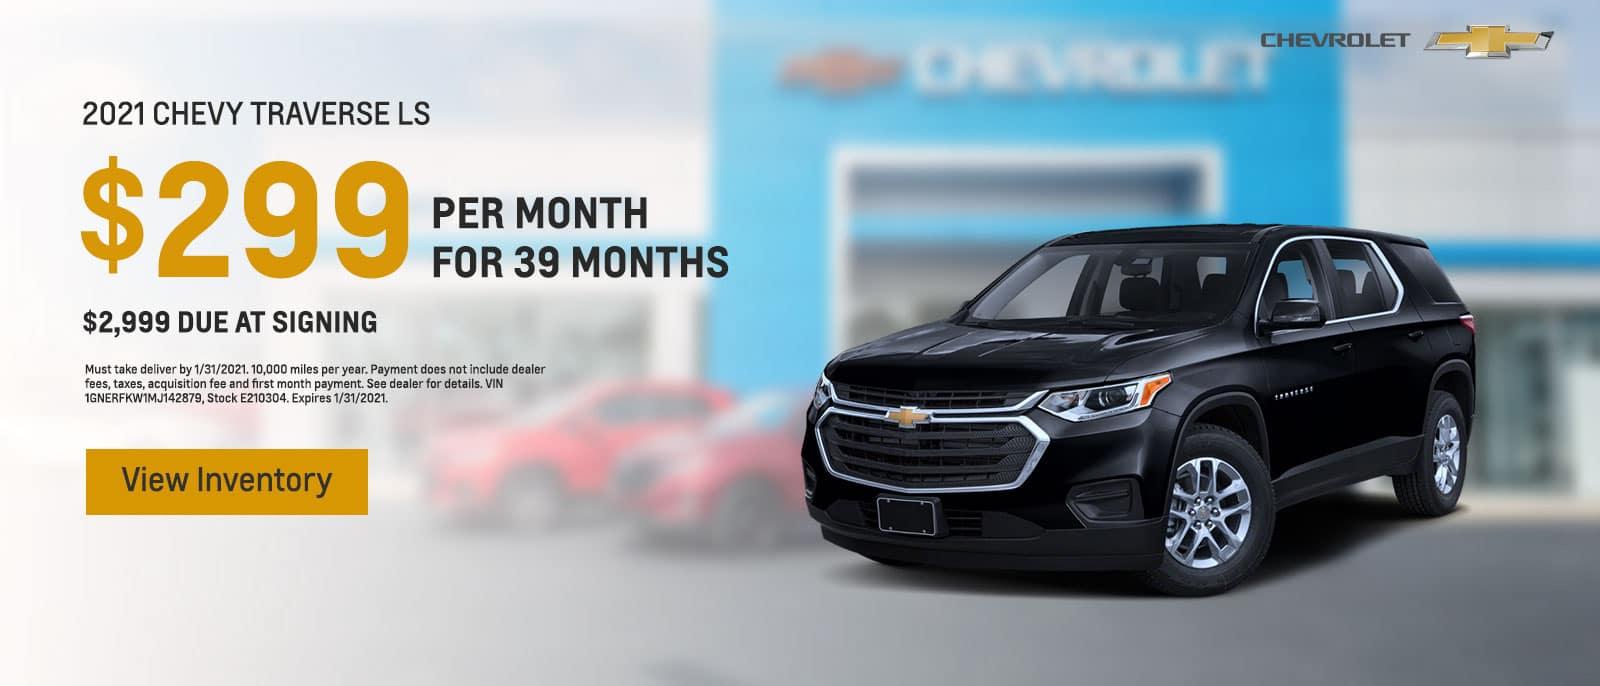 Kelebihan Dealer Chevrolet Murah Berkualitas